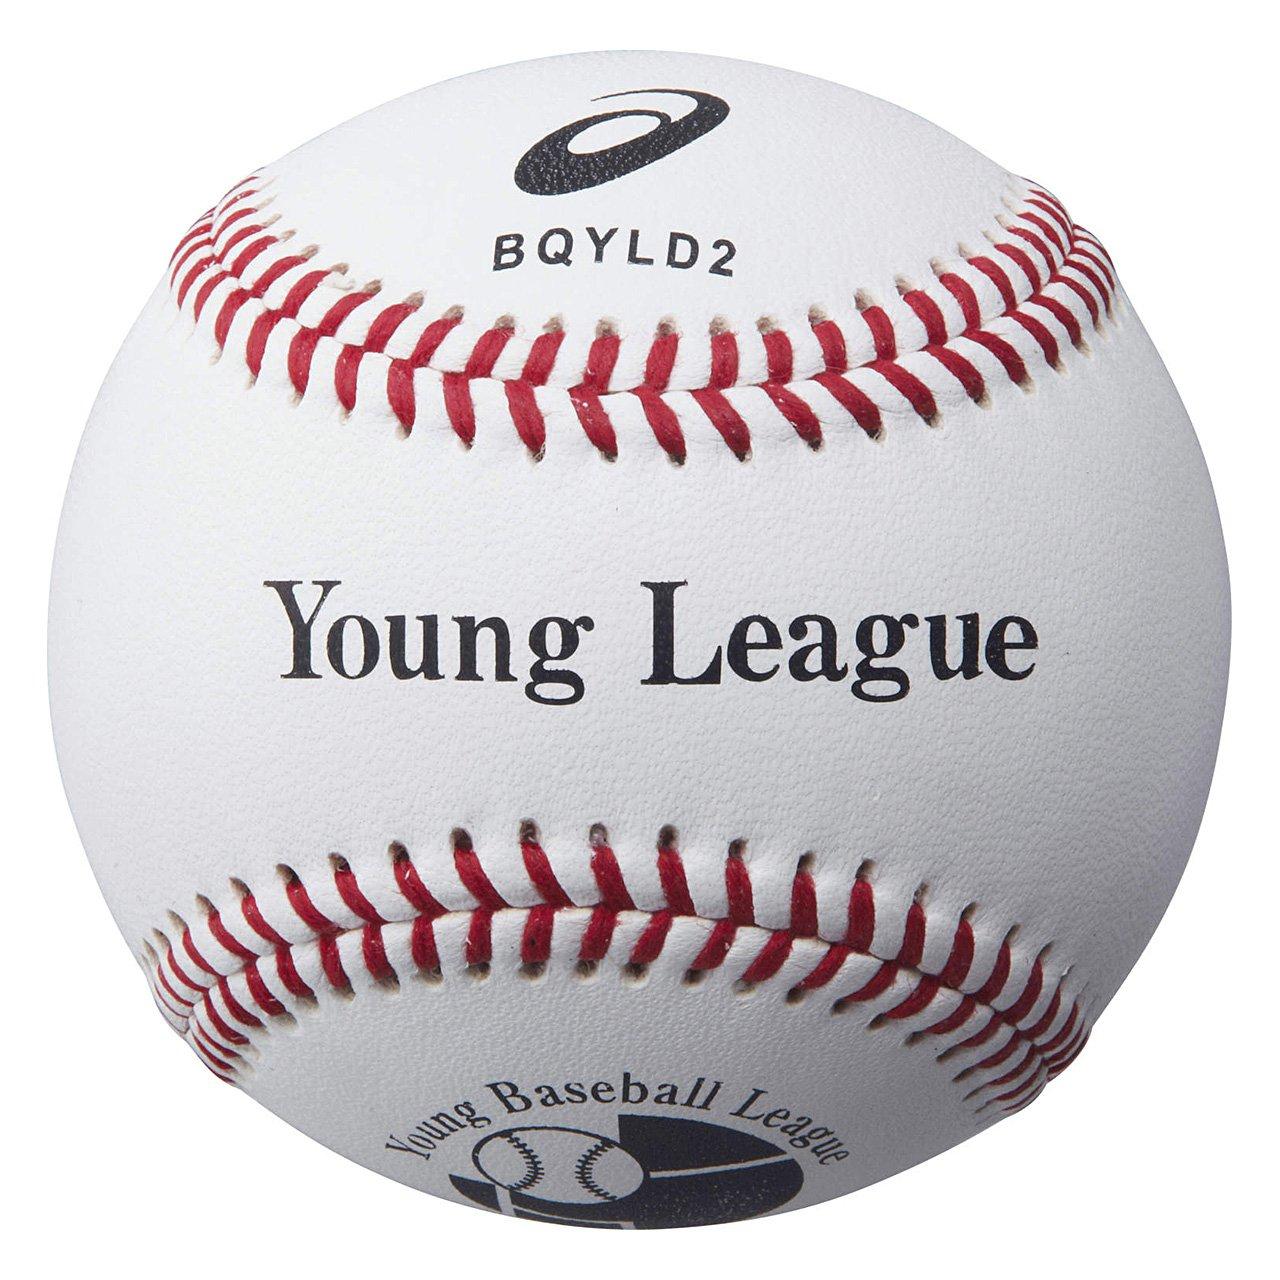 アシックス(asics) 野球 ボール ヤングリーグ 試合用 BQYLD2 B06XBZXHL8 F|ムジオンネーム ムジオンネーム F, あったらいーな本舗 965e2927